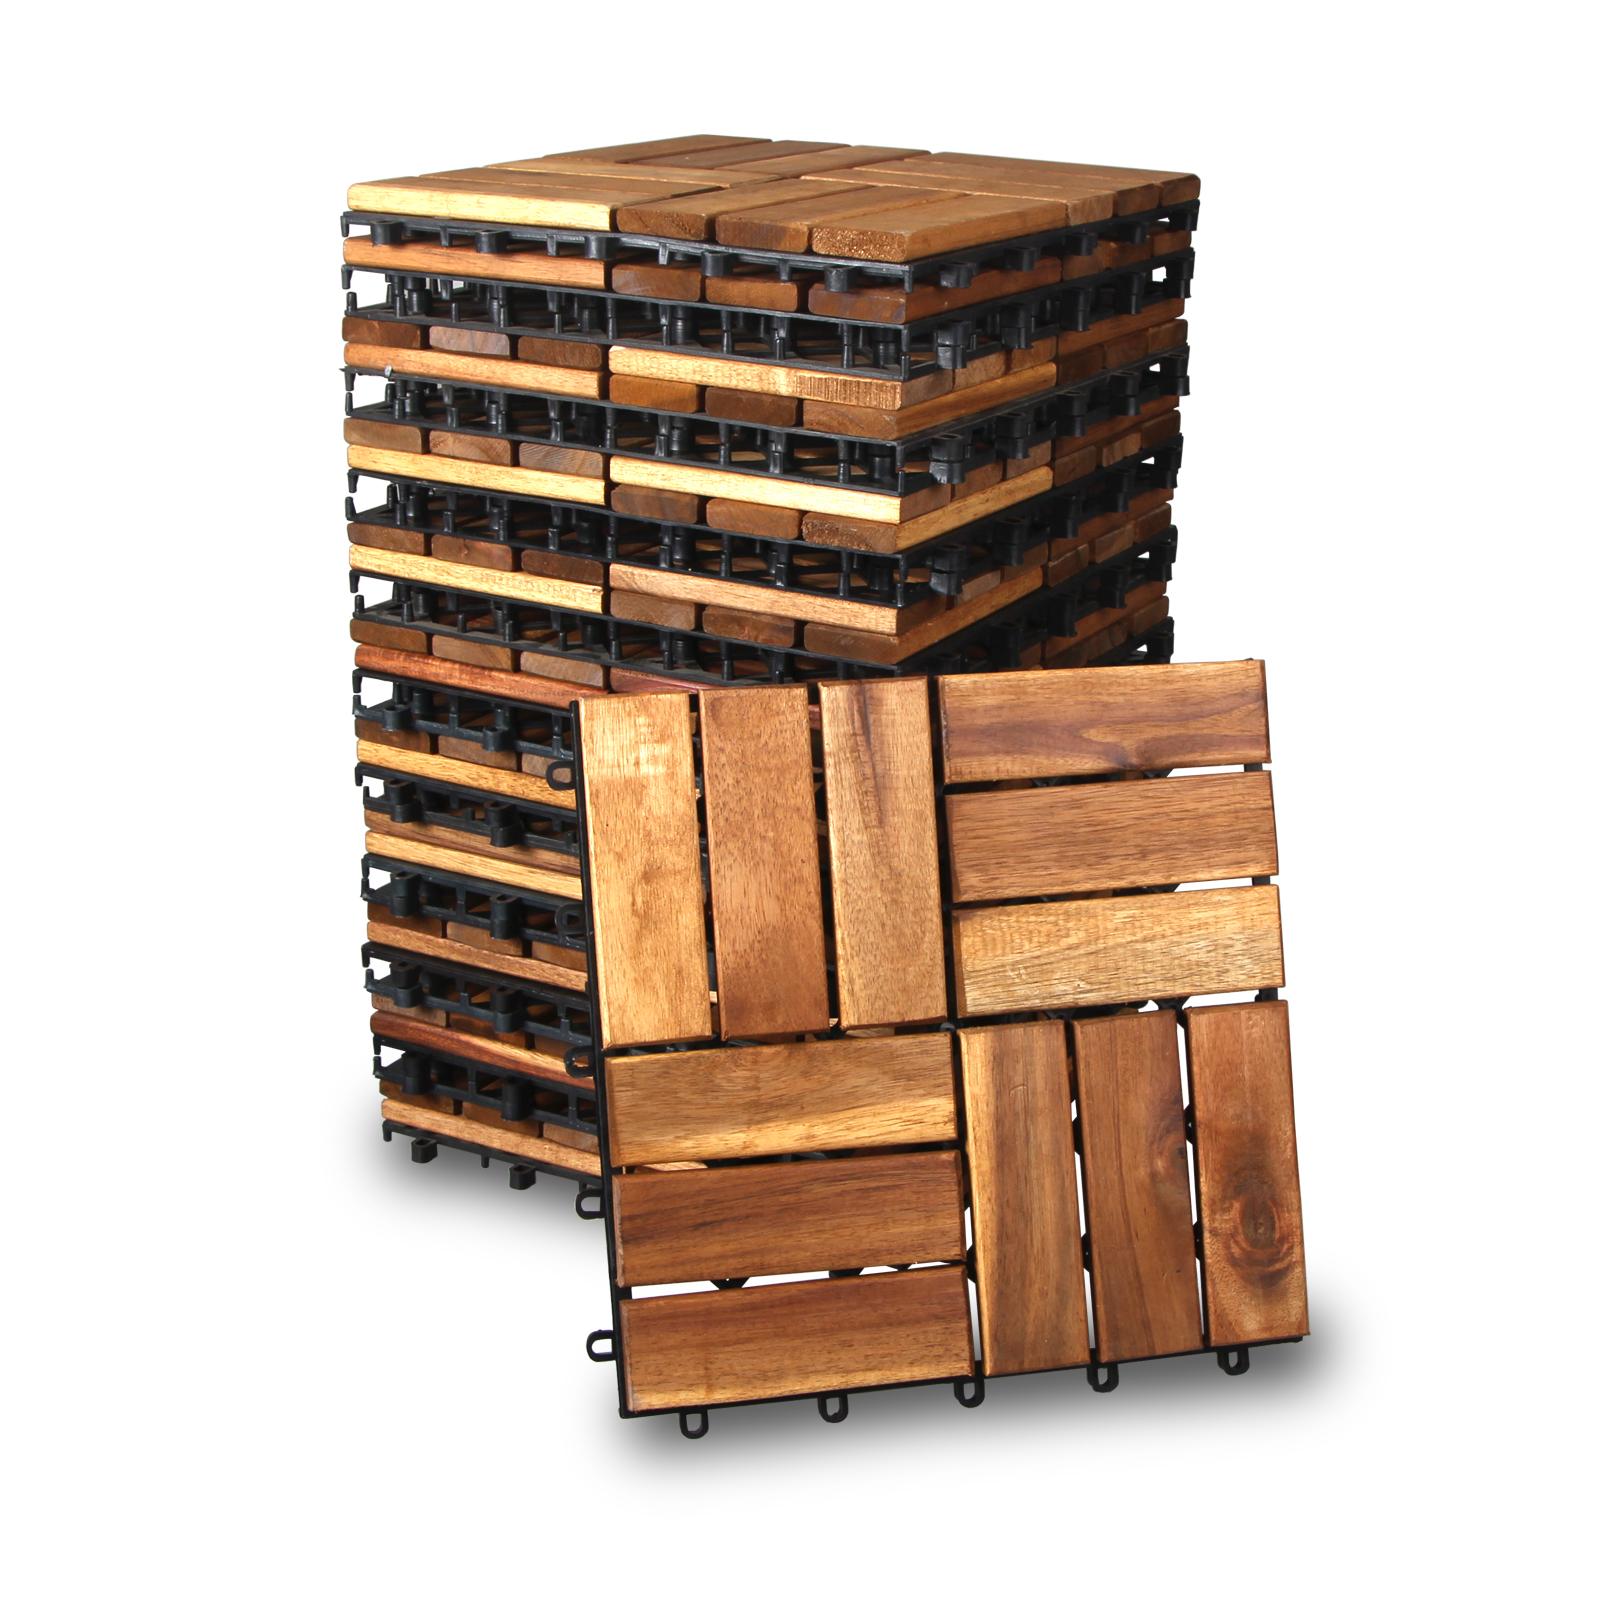 holzfliesen aus akazie terassenflie en ge lt. Black Bedroom Furniture Sets. Home Design Ideas